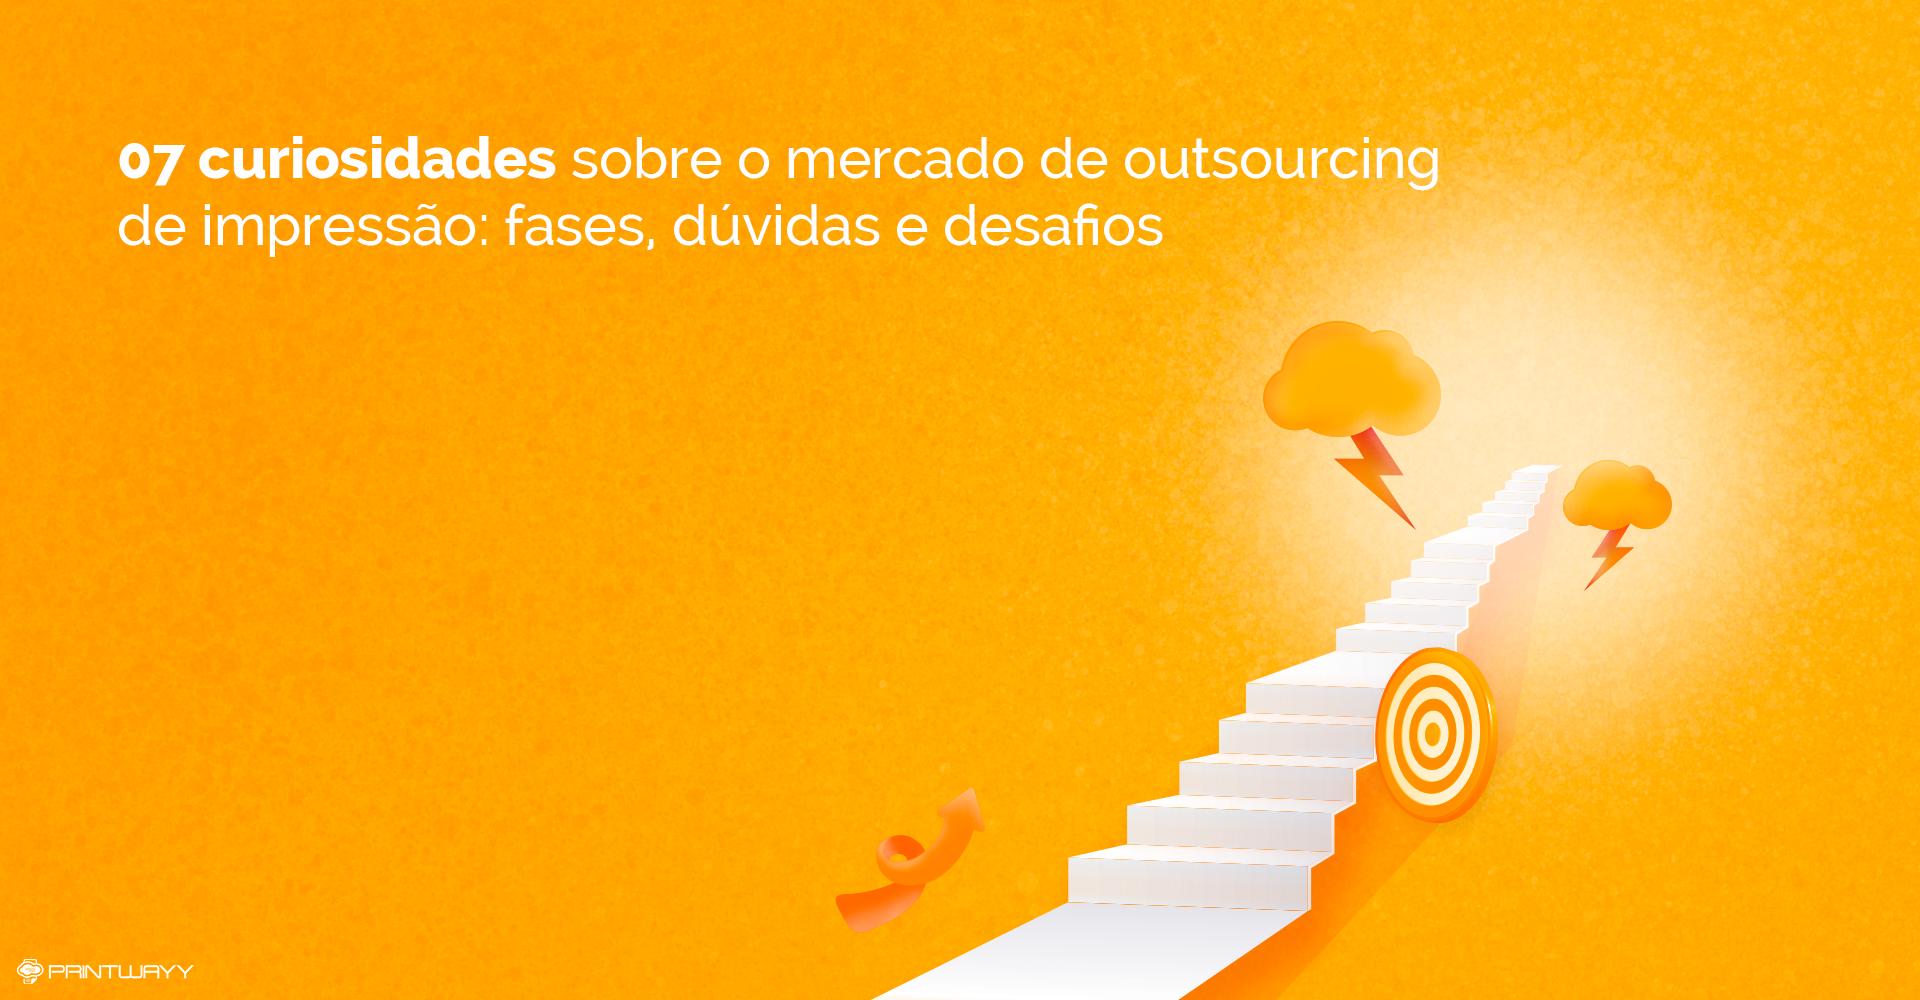 A imagem ilustra uma escada, cercada por elementos como um alvo, flecha e nuvens com raios, simbolizando o caminho e desafios do outsourcing de impressão.